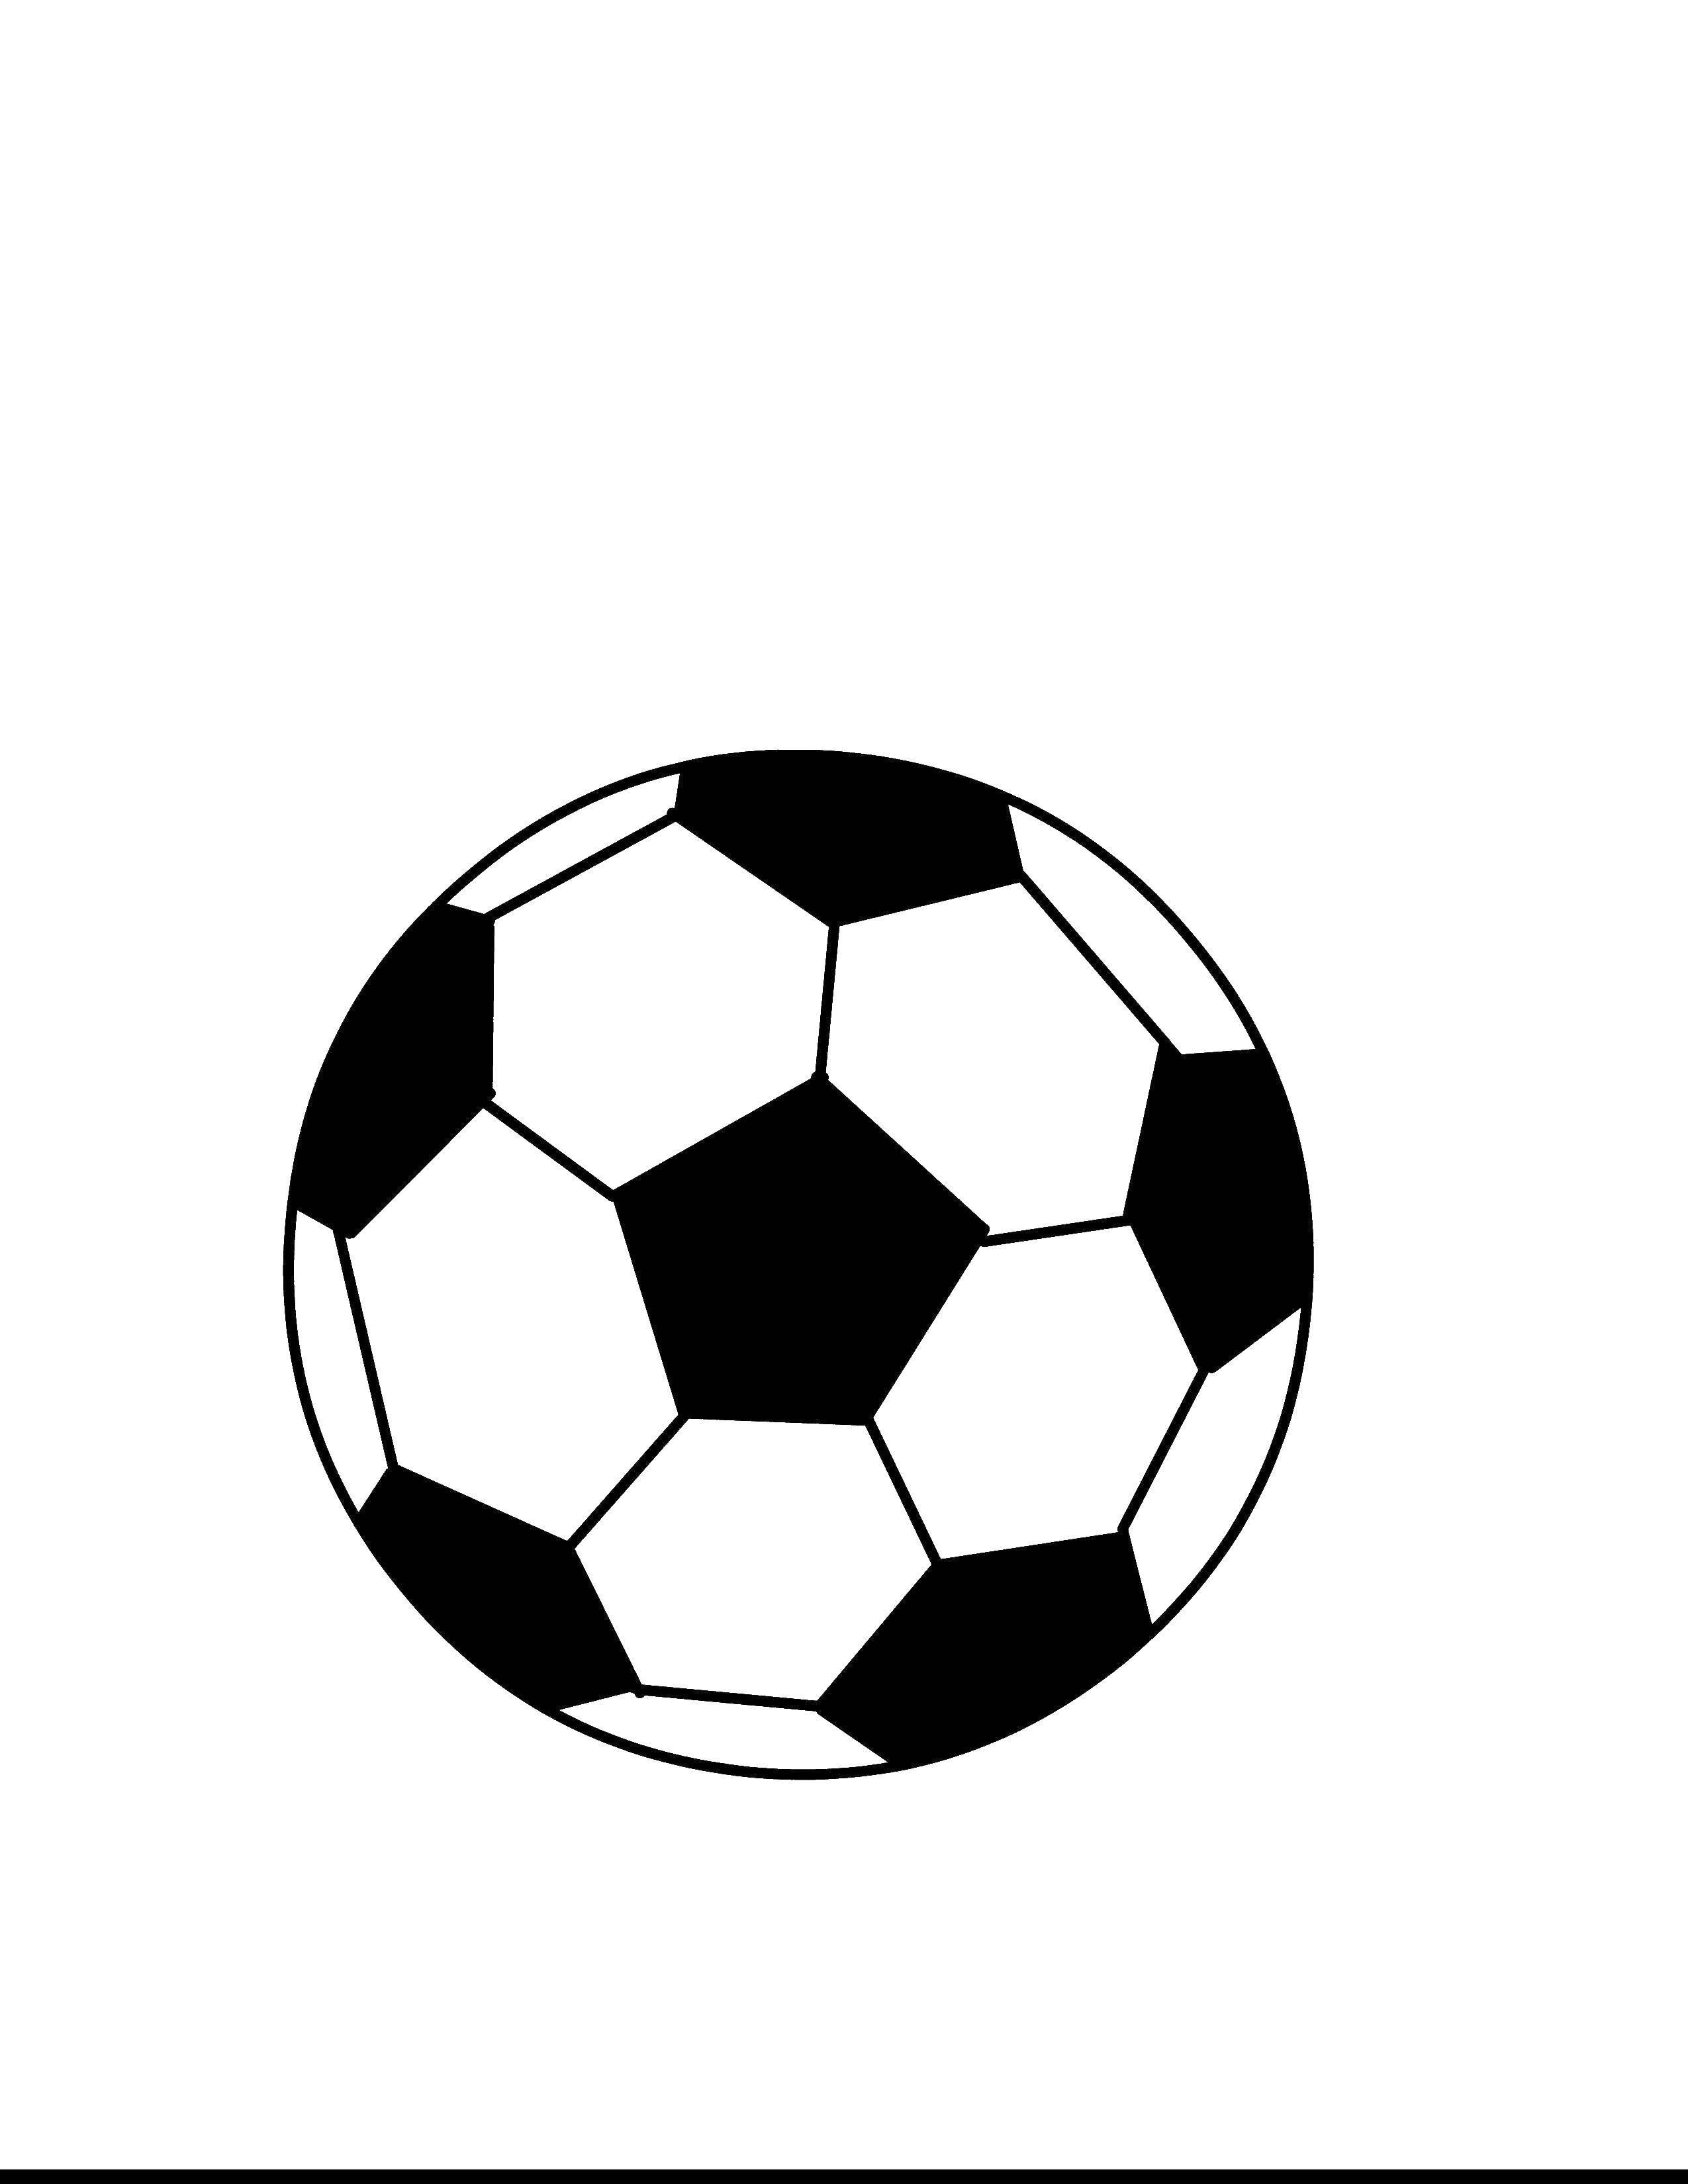 Раскраска Футбольный мяч Скачать спорт, футбол, футбольный мяч.  Распечатать ,Спорт,